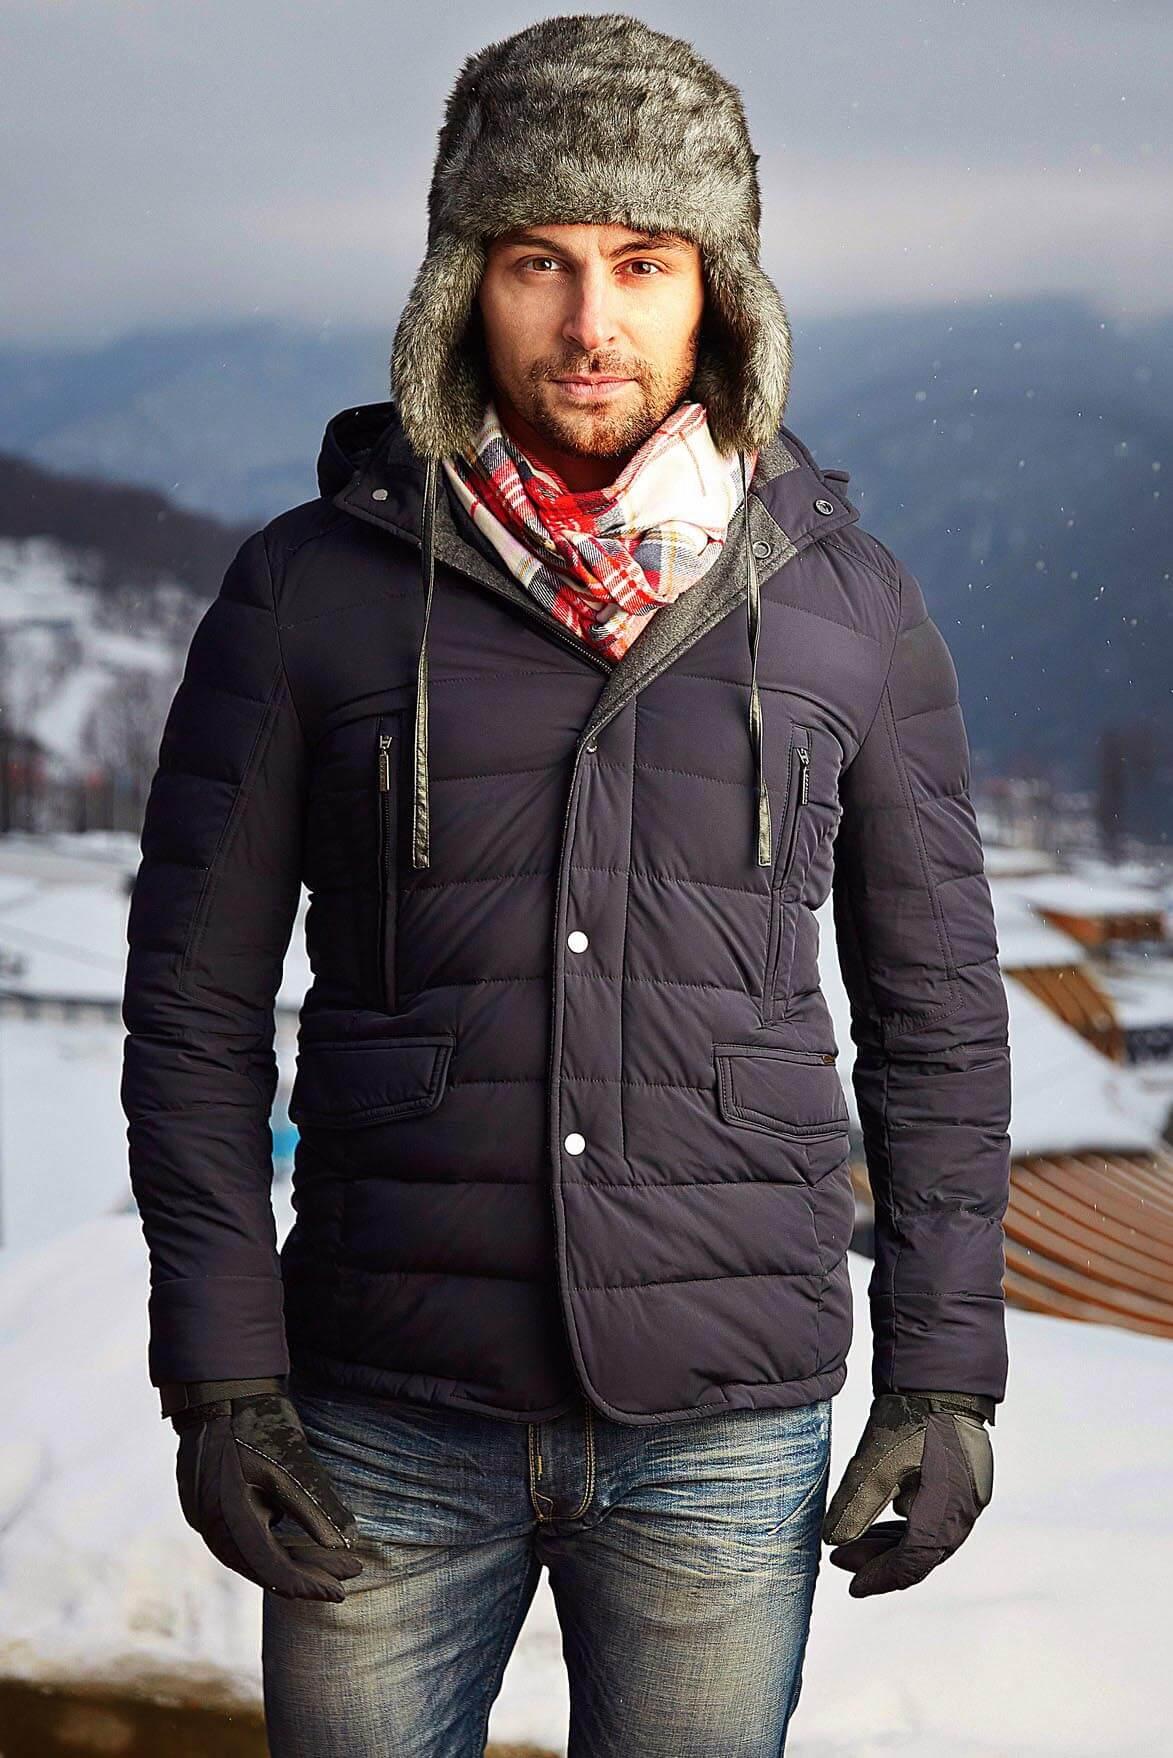 насколько мужчины в зимней одежде фото лишних людей